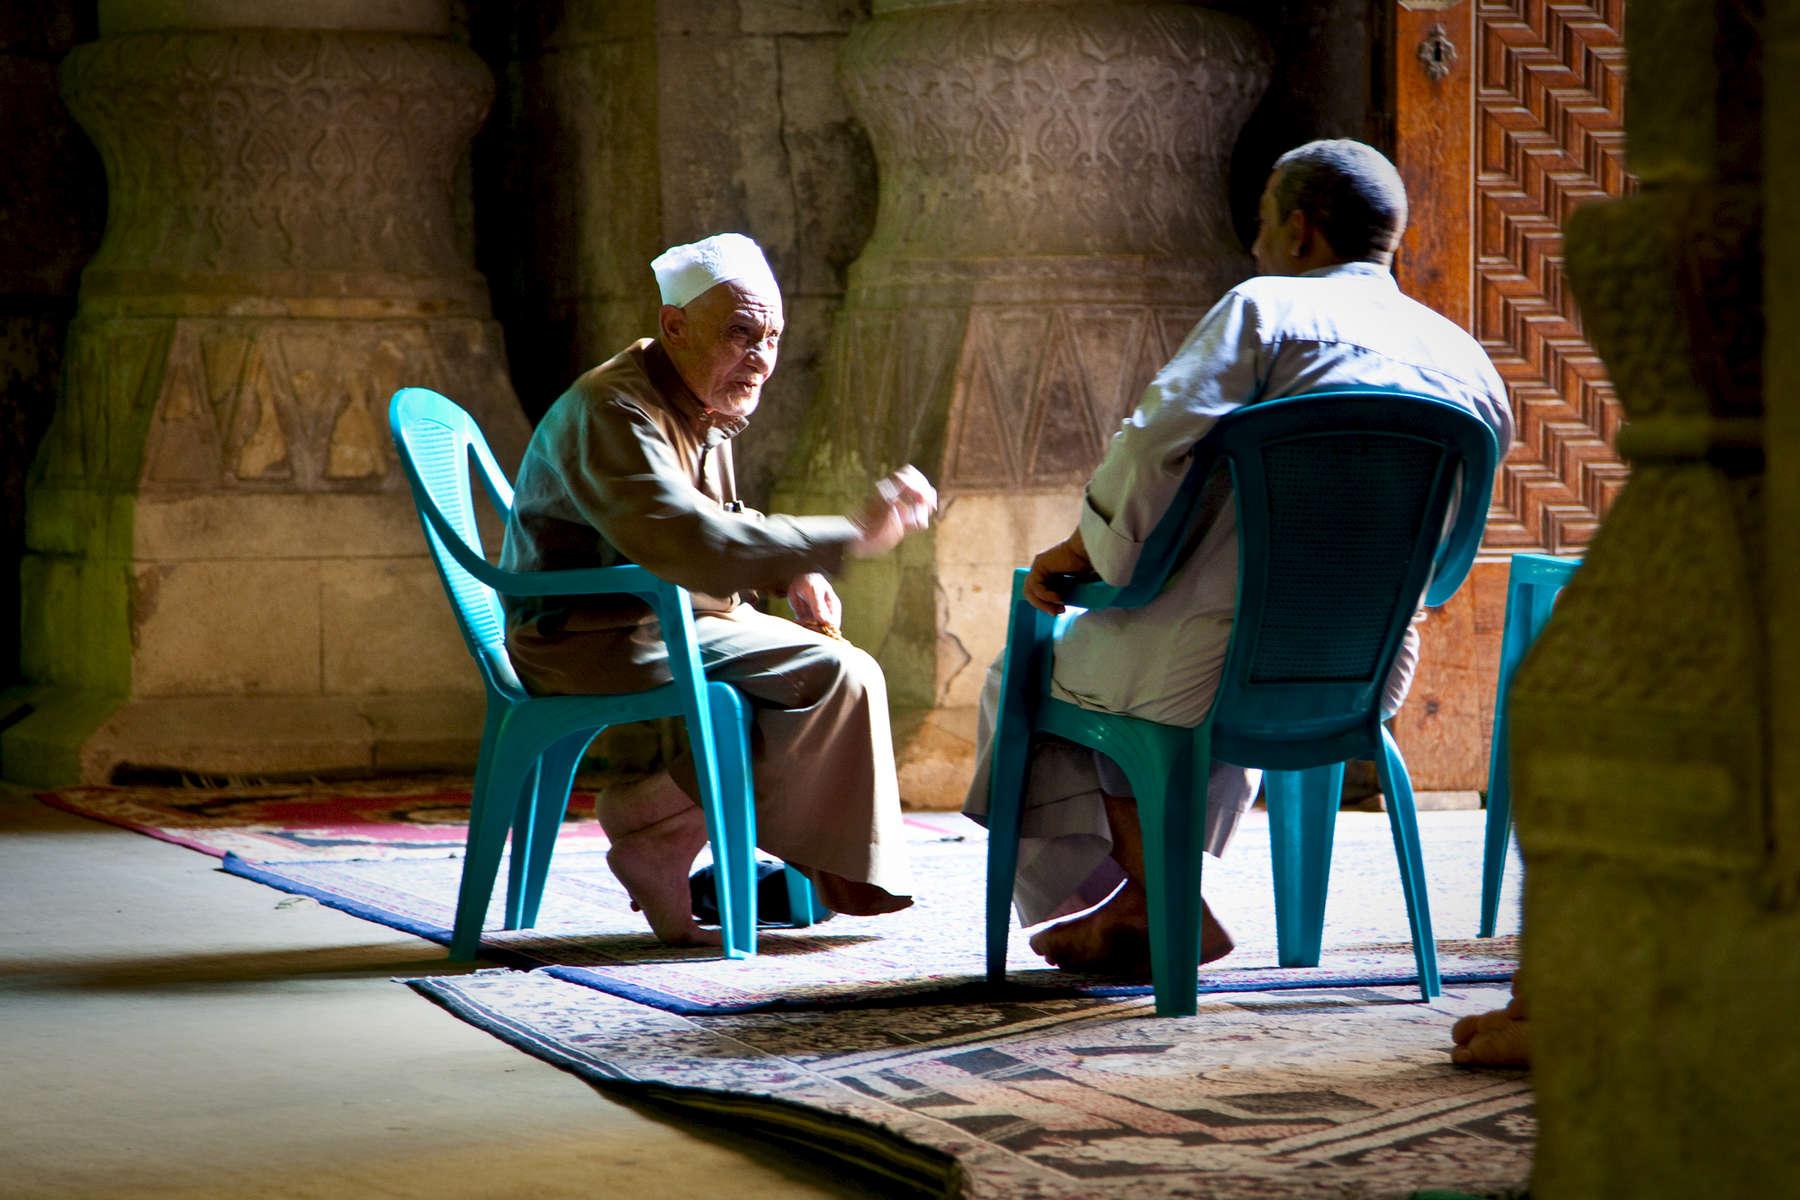 Caretakers chatting in the al-Rifa'i mosque. Cairo.